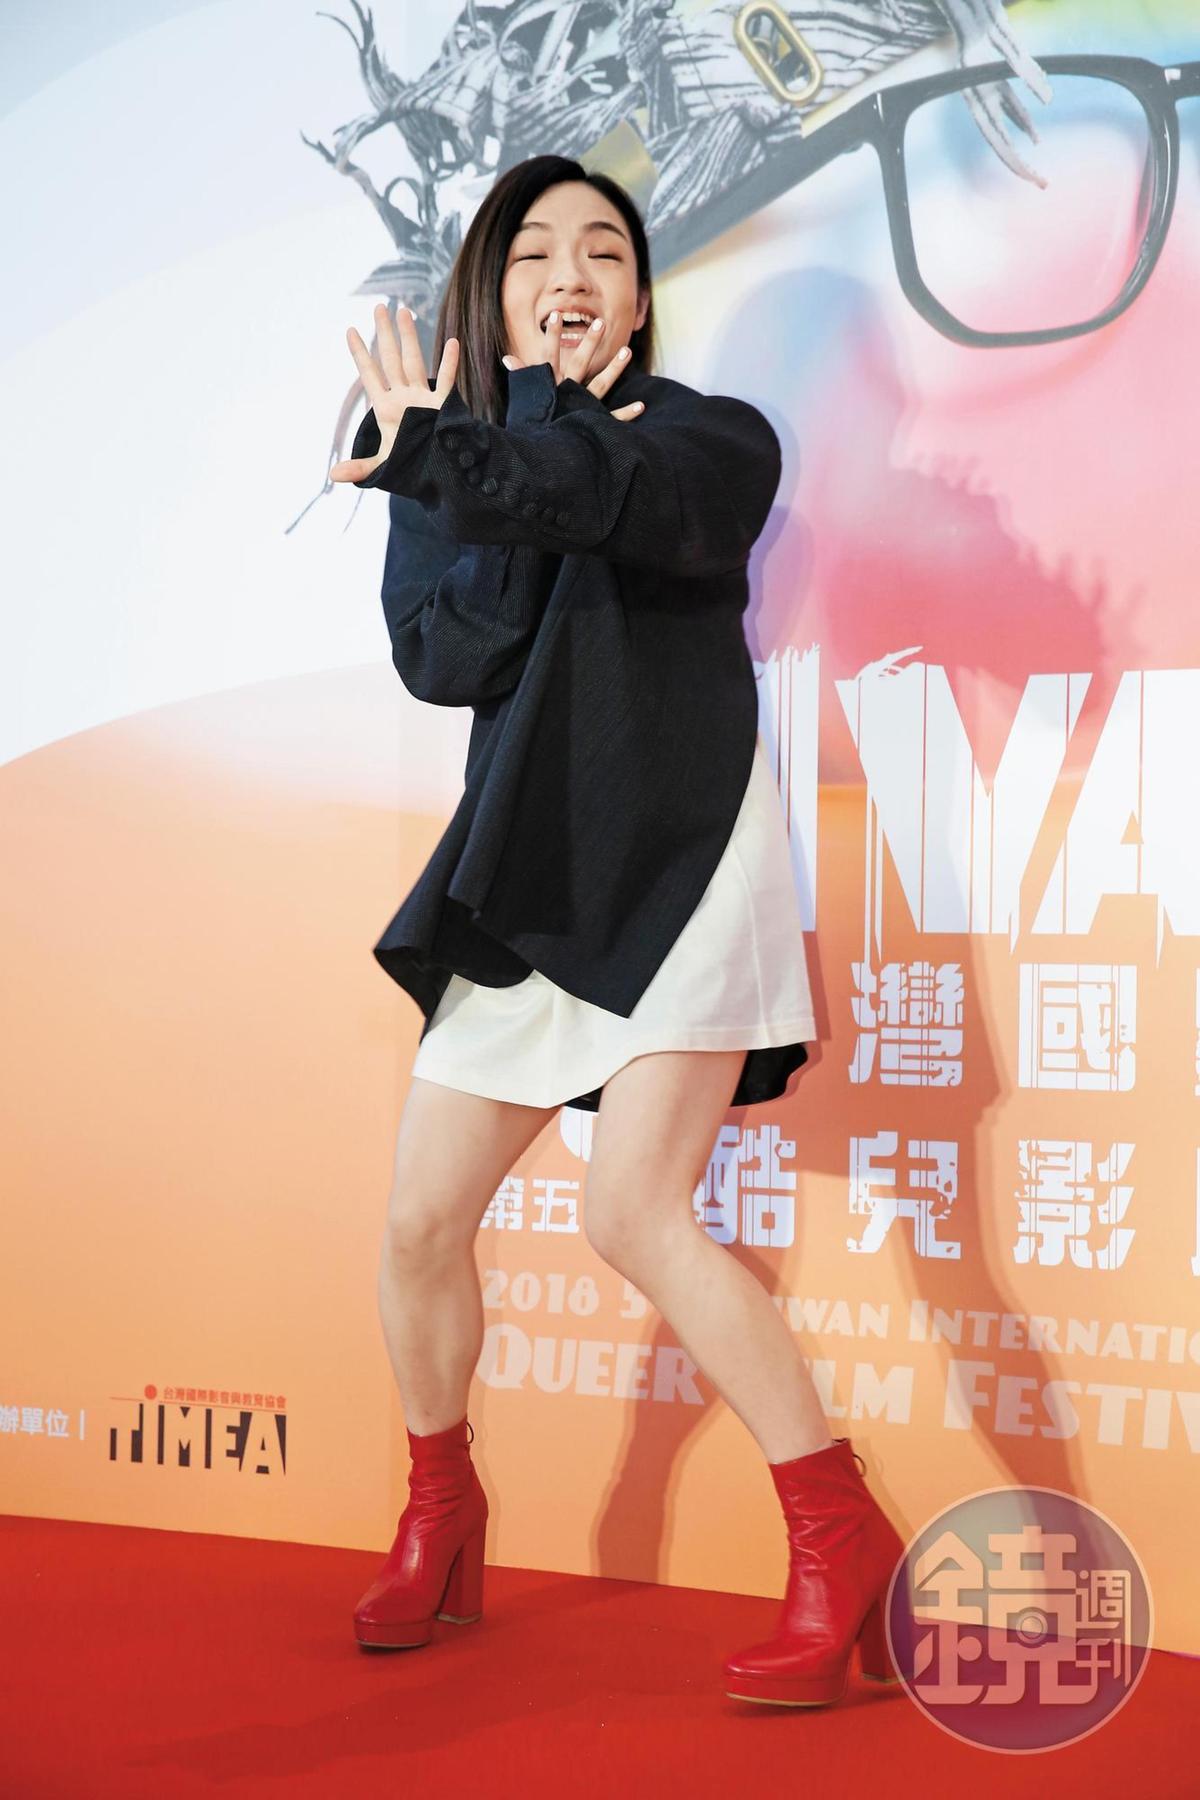 新科金曲歌后徐佳瑩做了一個「擋」的姿勢,感覺整個人非常活潑又沒包袱,而且下半身很顯瘦。